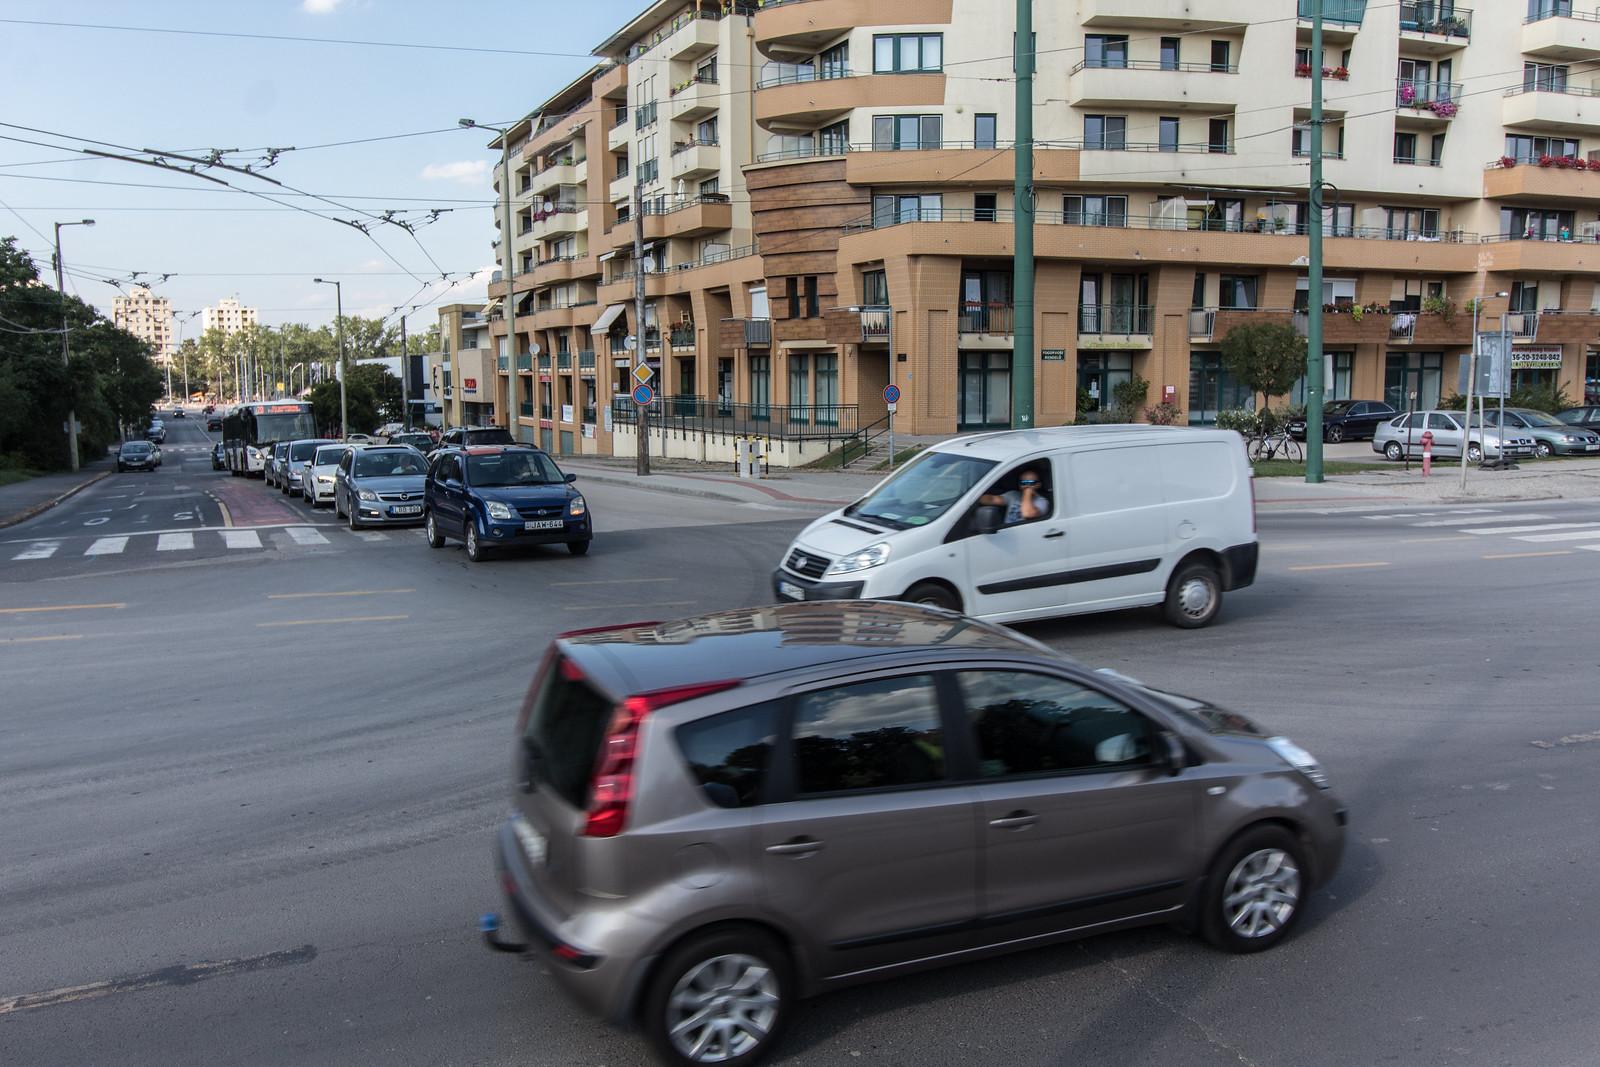 Milliárdnyi kormányzati pénzt ígért Felsővárosnak Szabó Bálint